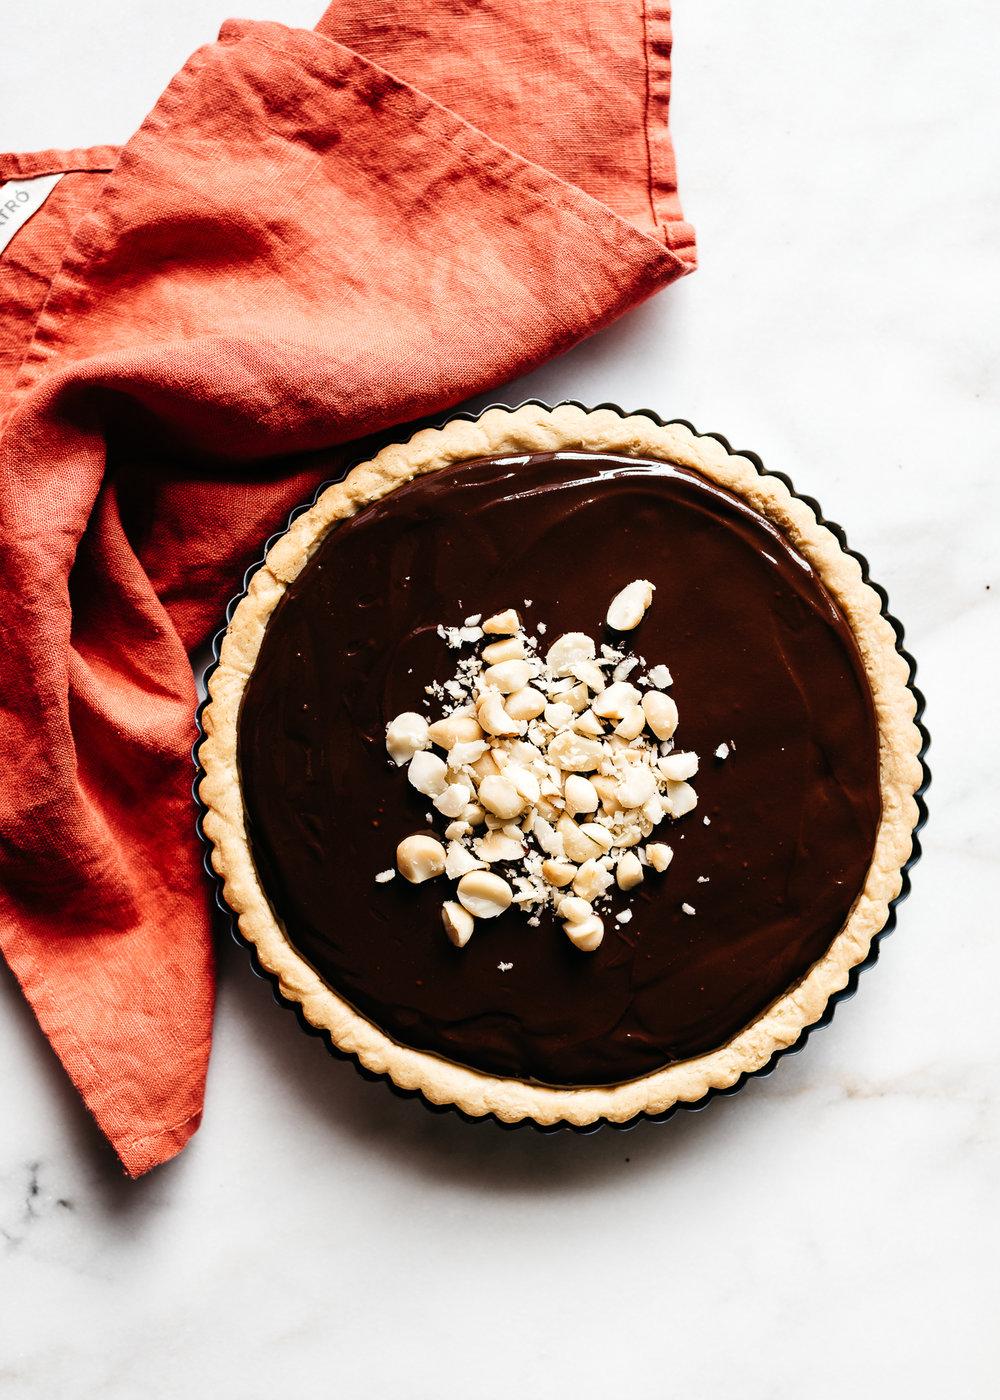 choco-caramel-mac-tart-11.jpg